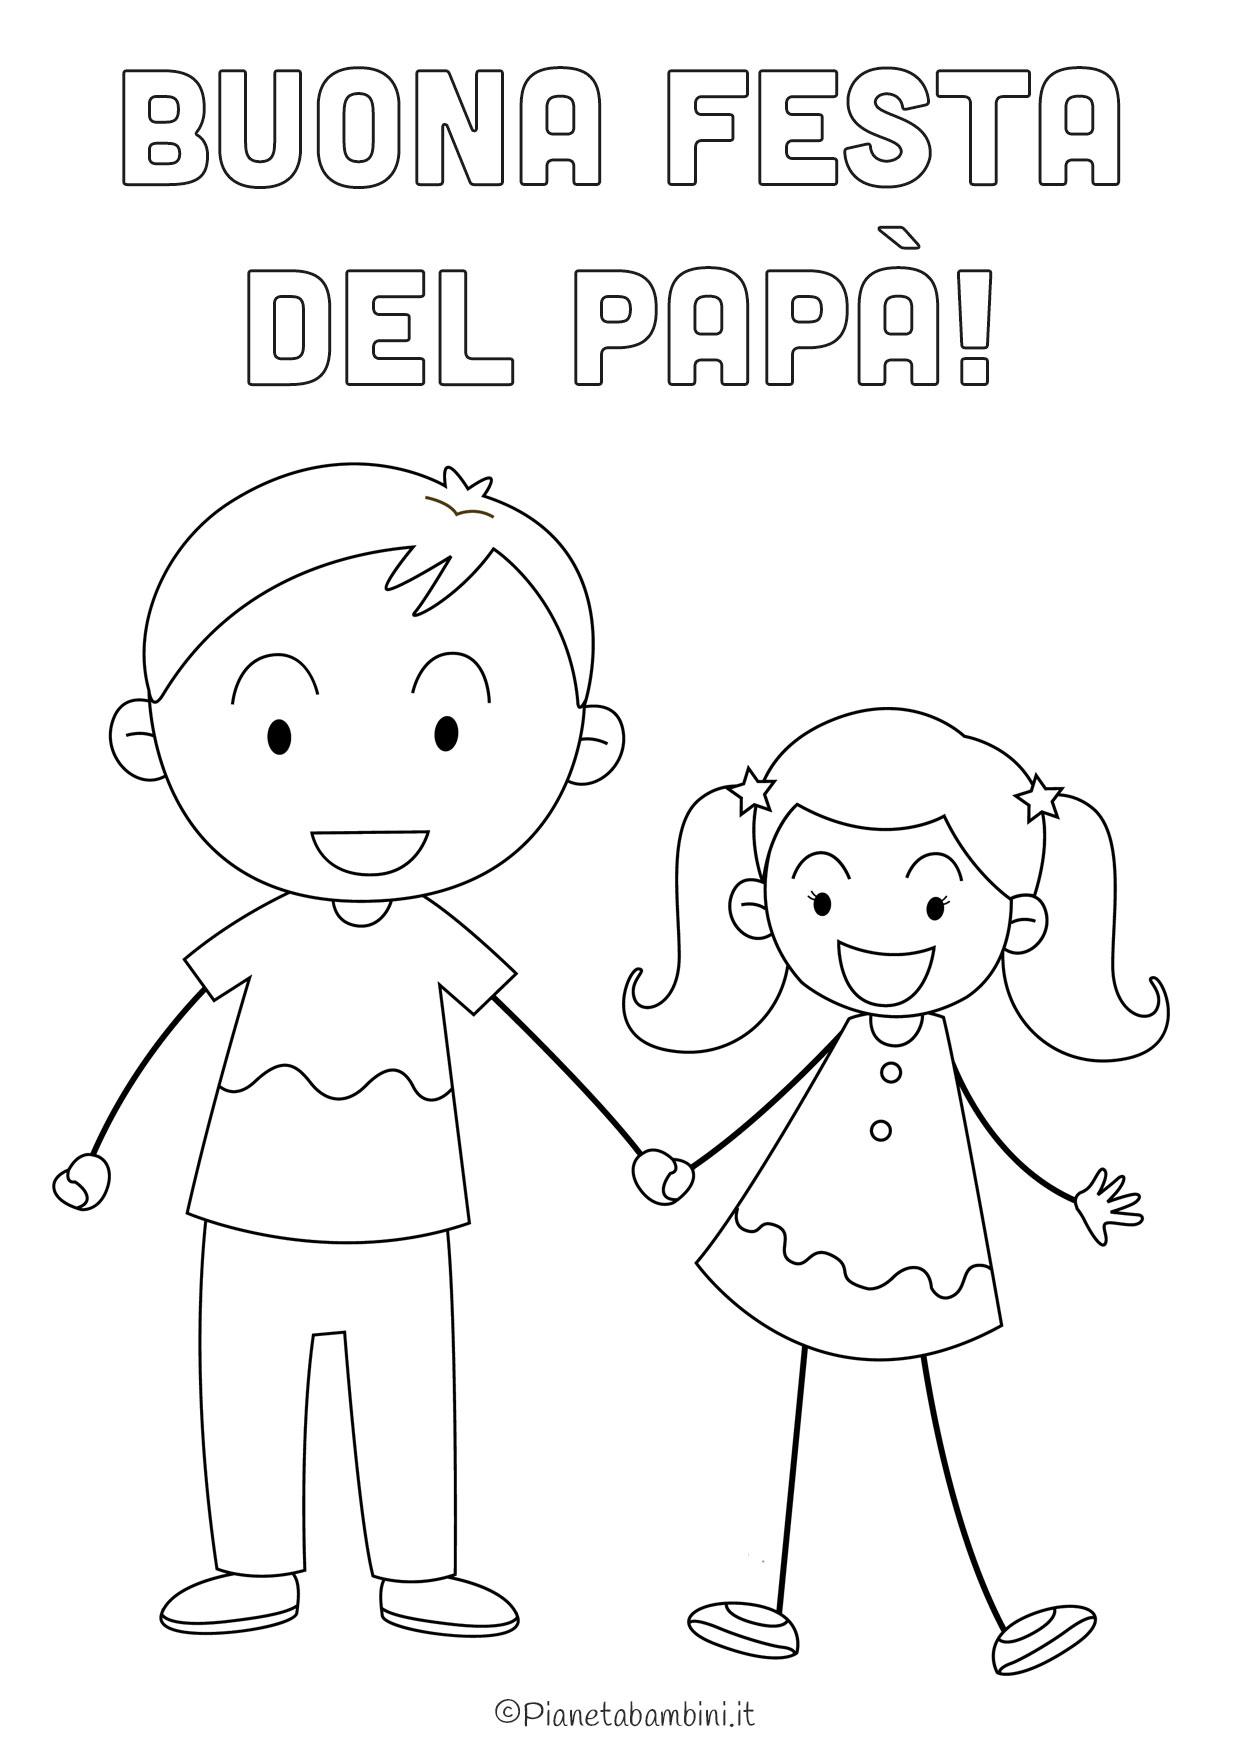 Disegno festa del papà da colorare 02